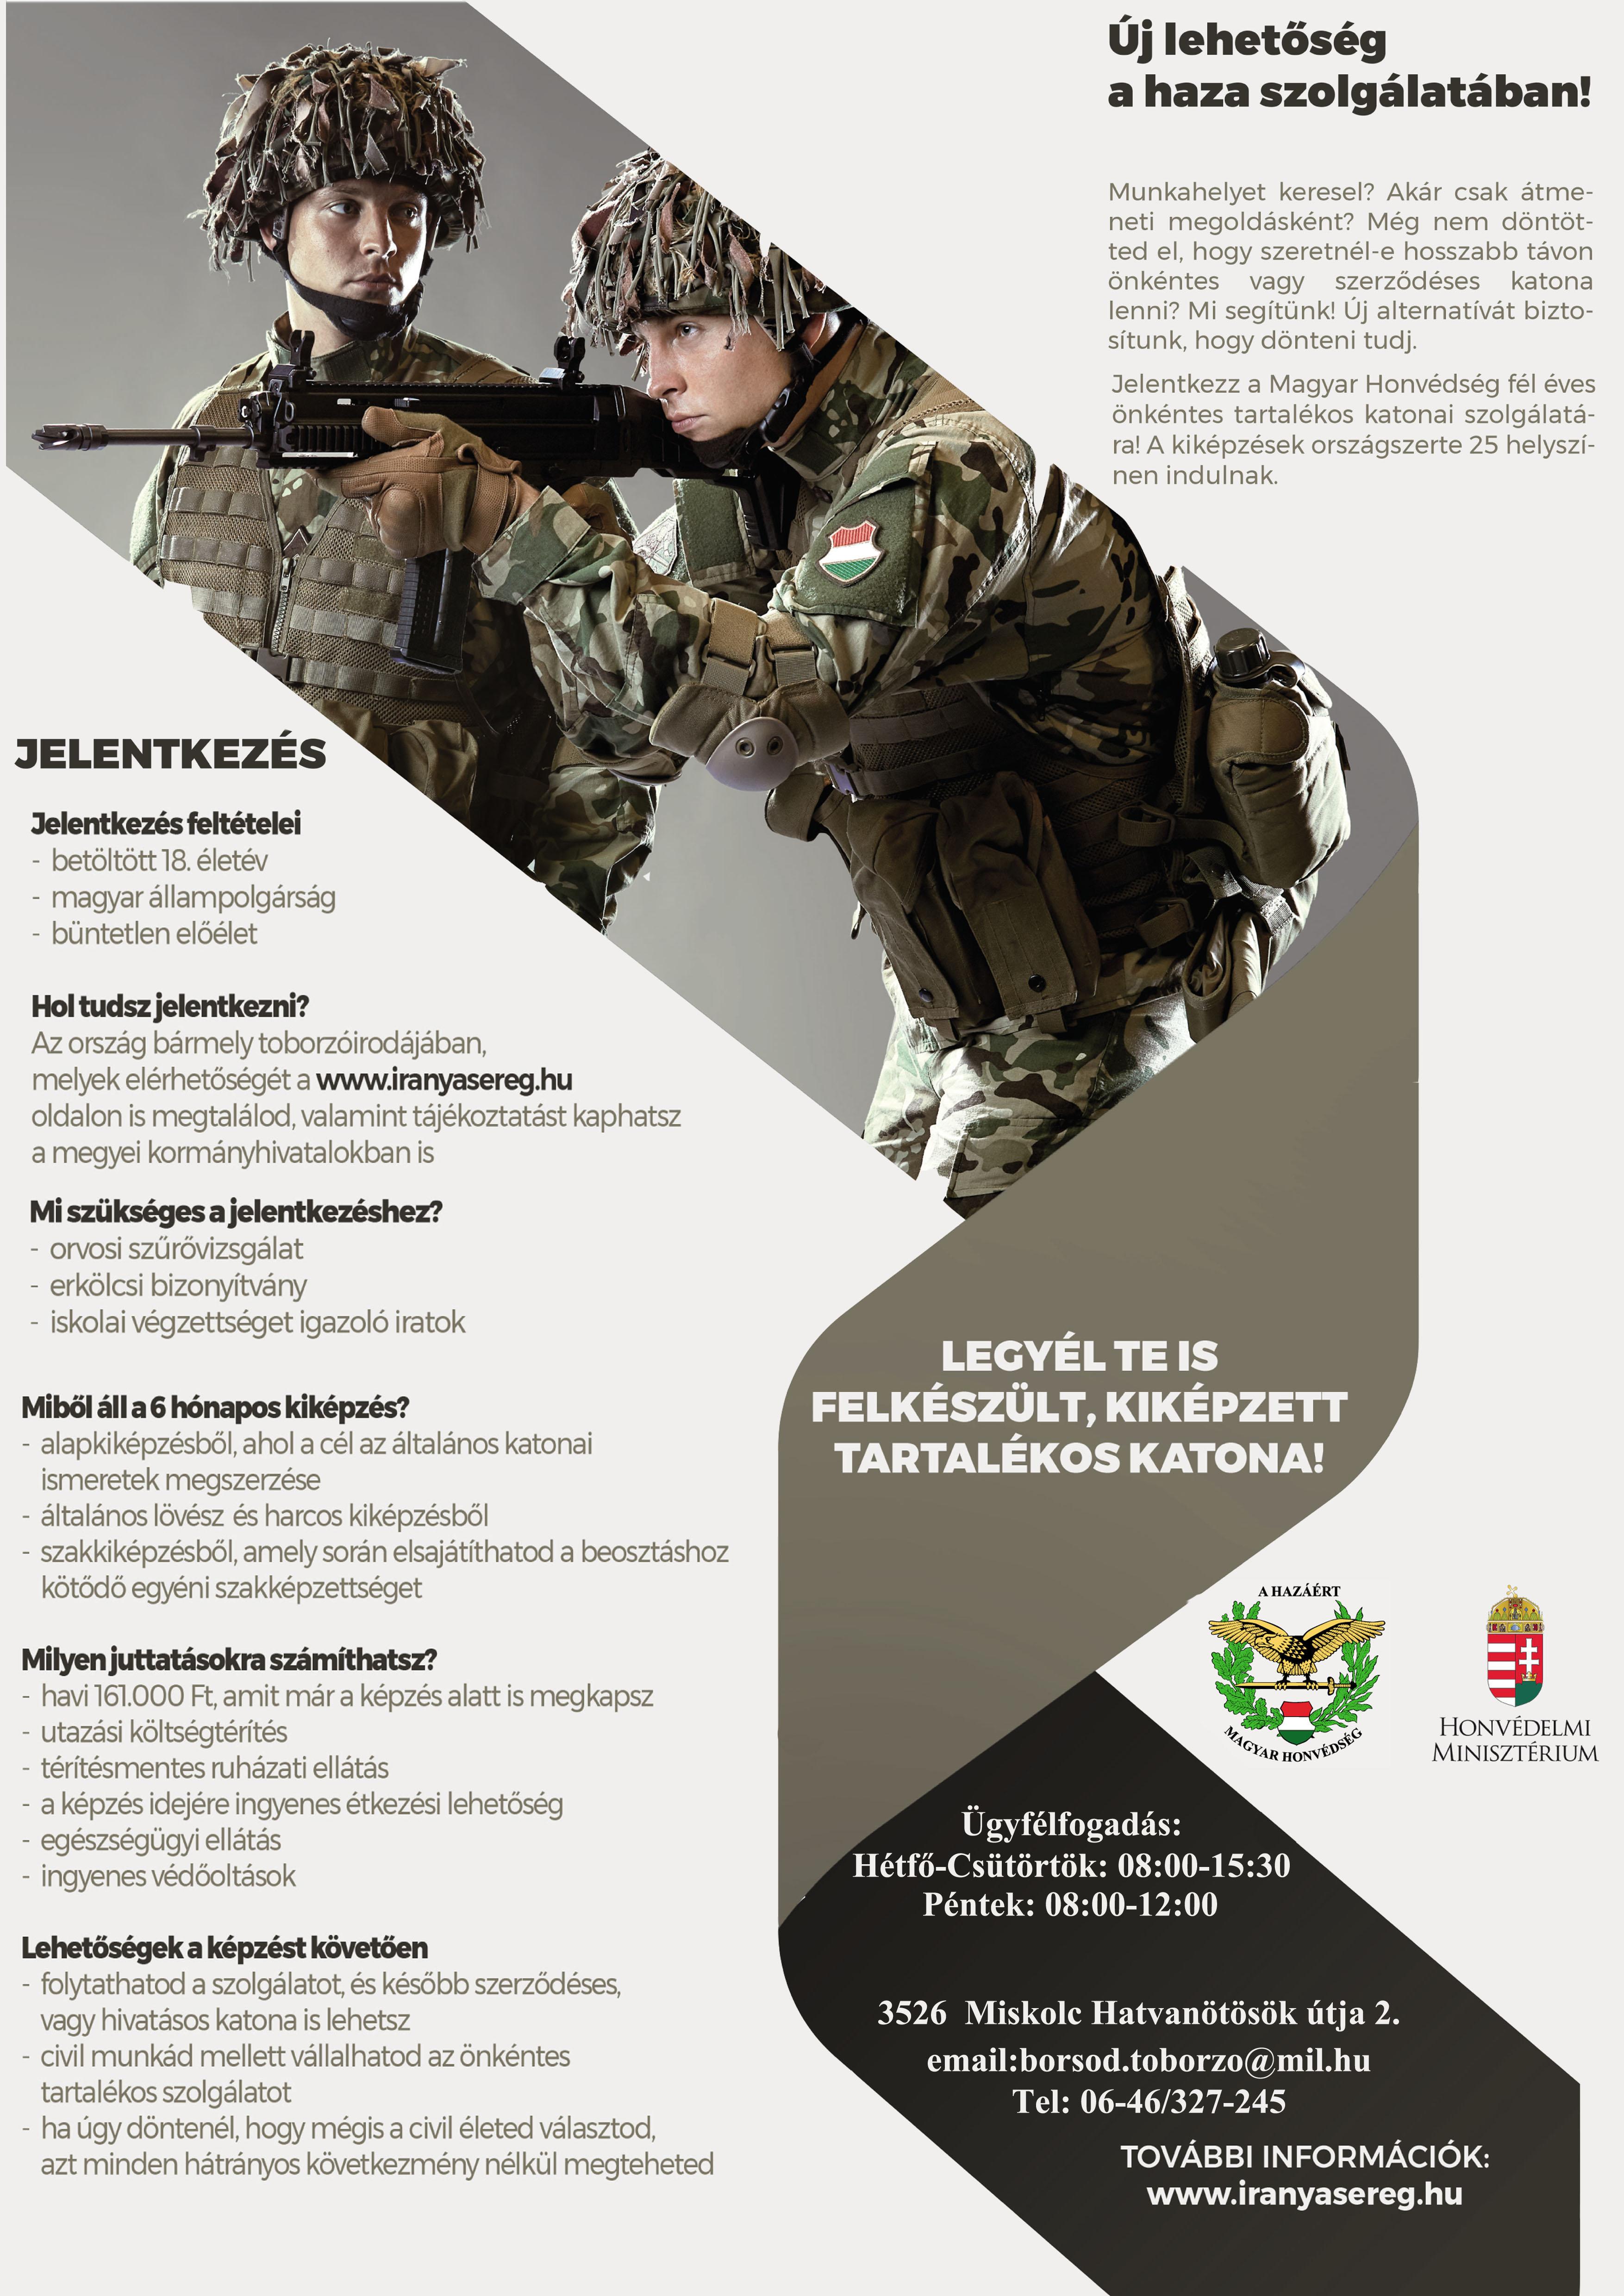 a katona további jövedelem megszerzésének tilalma